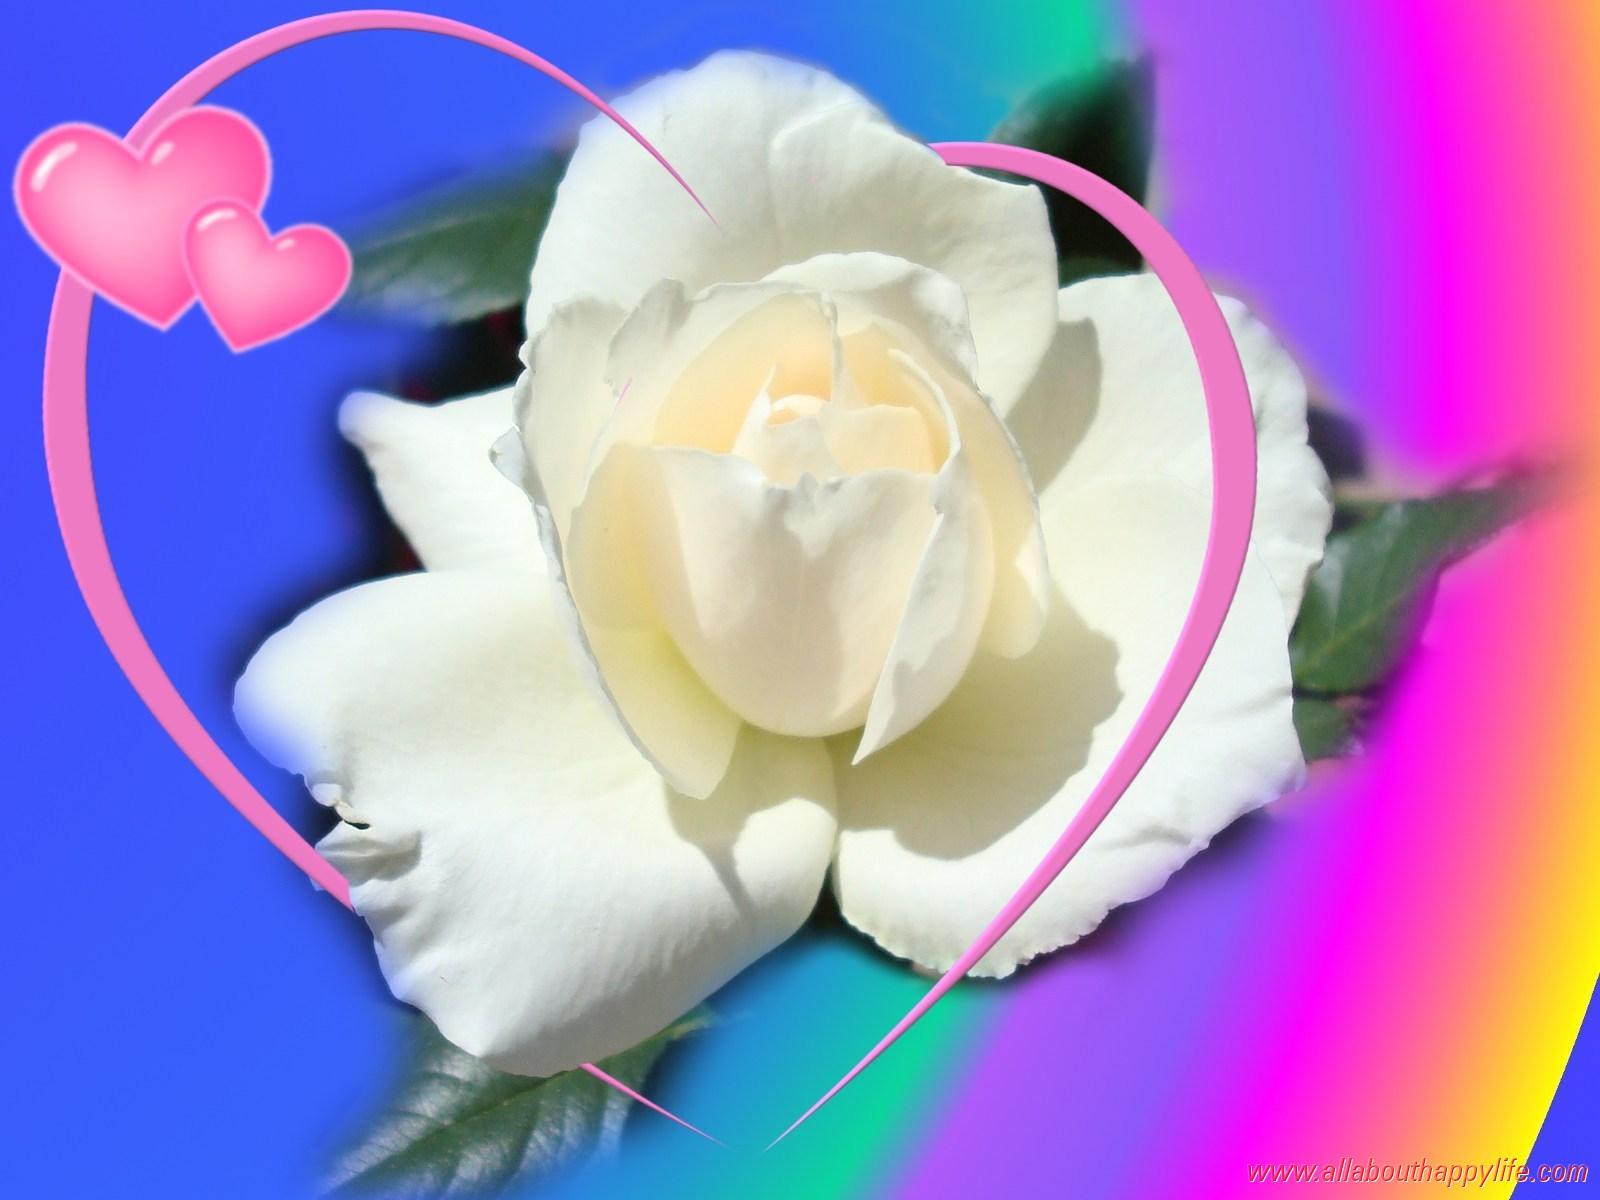 Fonds d'écran St Valentin - amour, coeurs, anges et fleurs